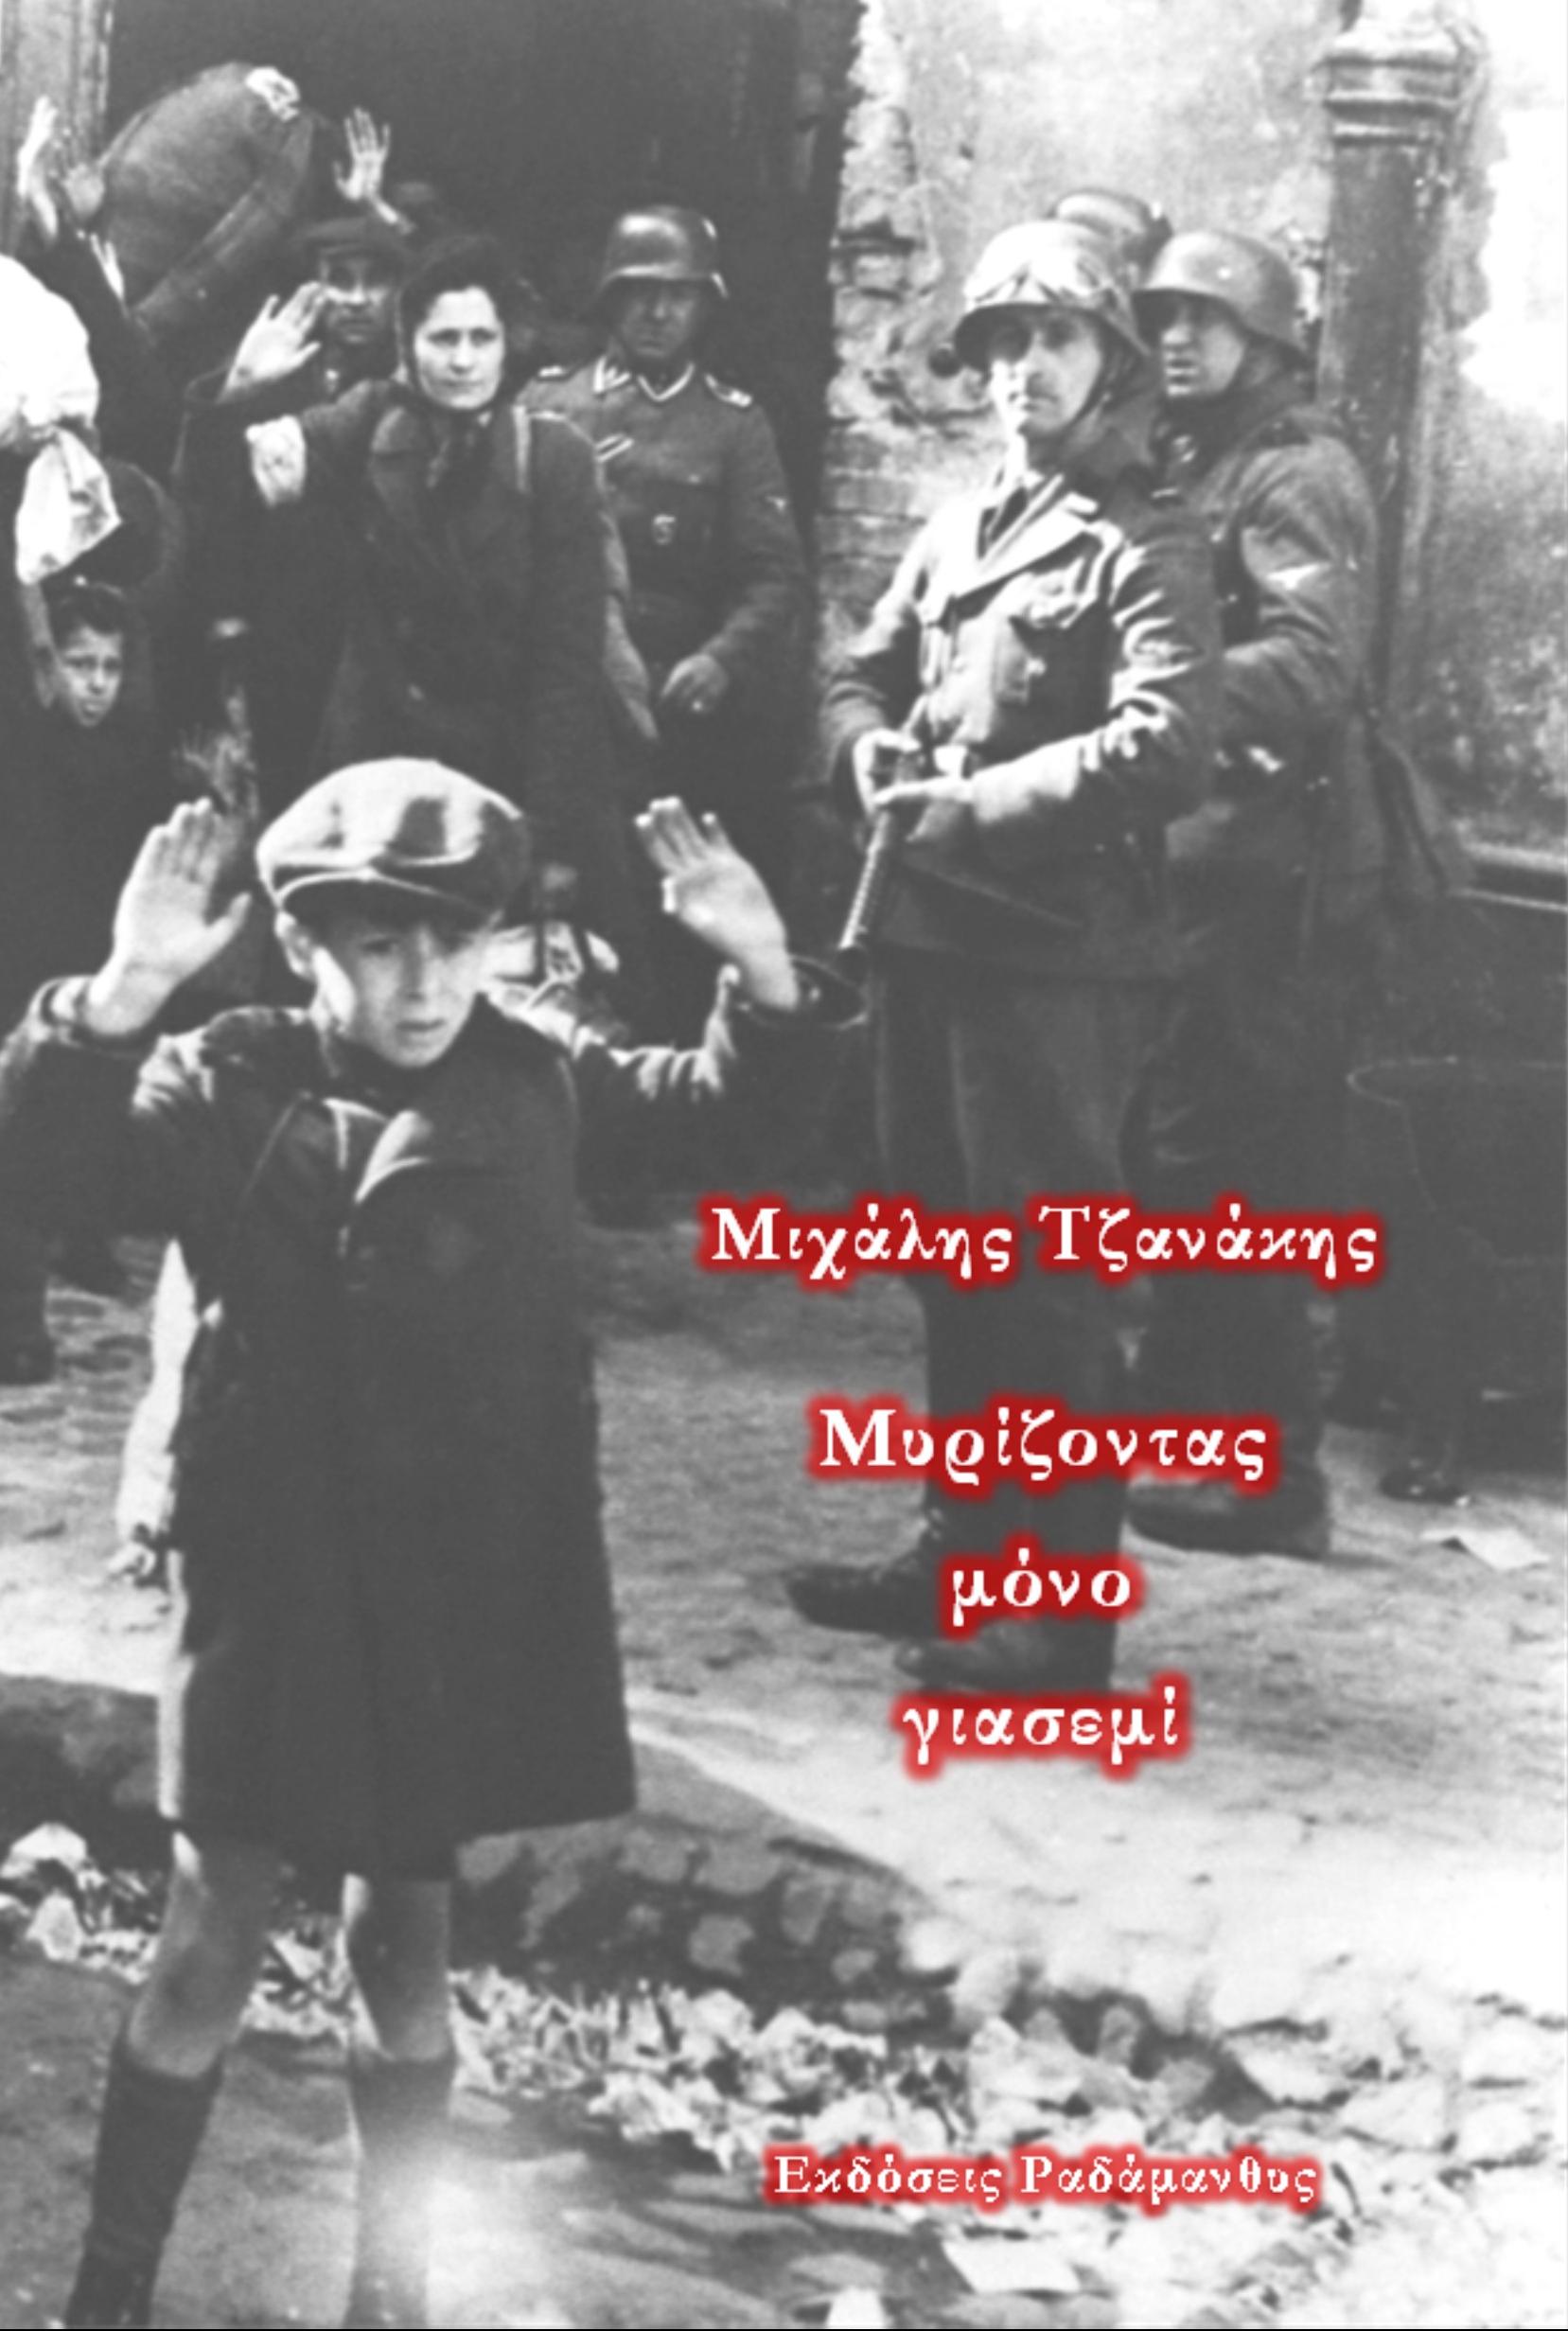 Μιχάλης Τζανάκης - Μυρίζοντας μόνο γιασεμ